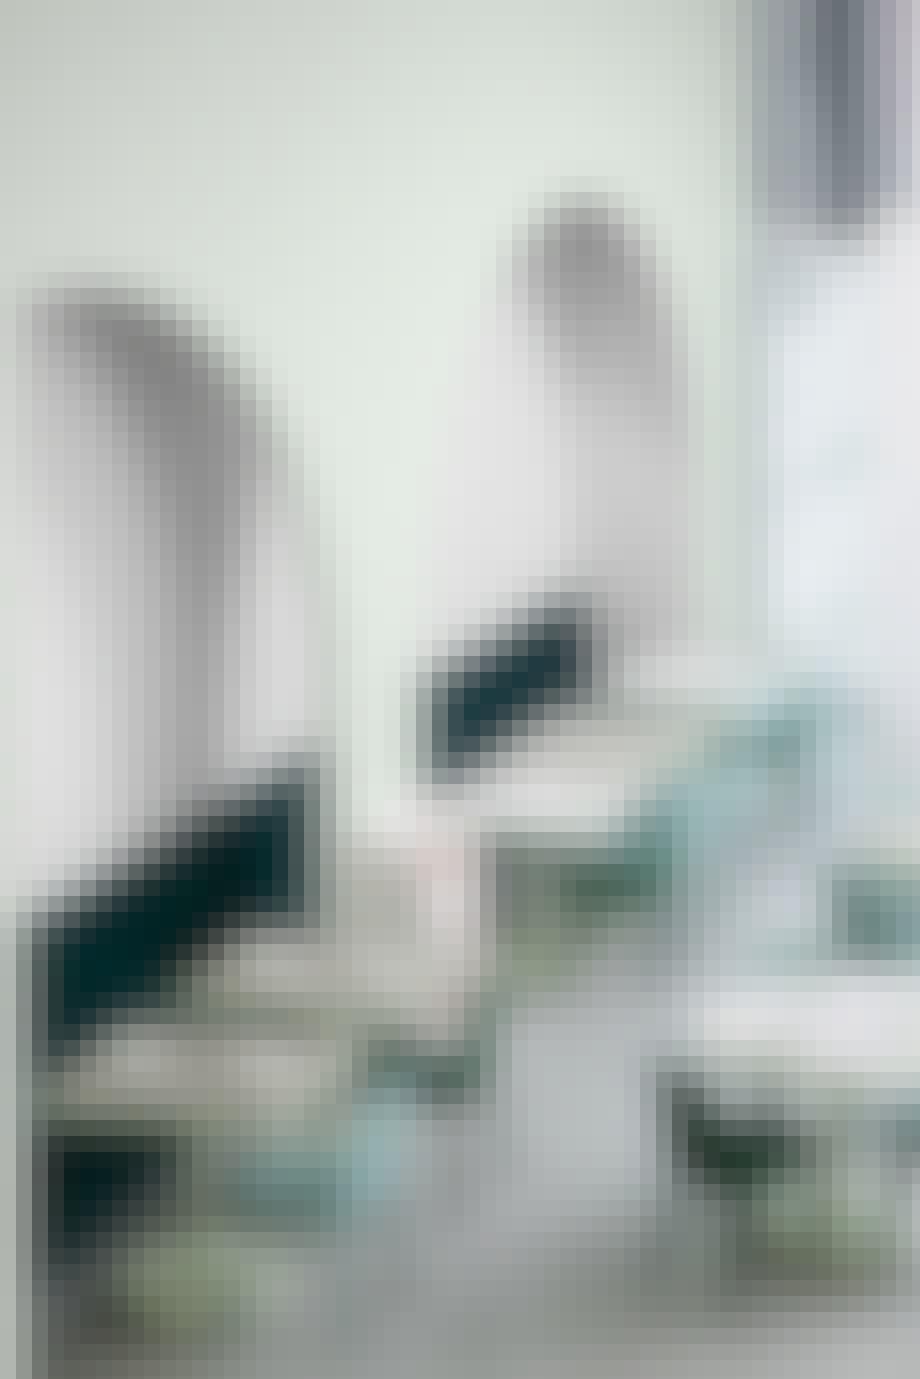 pastel farver feminin indrening cafe bord stol grøn mint